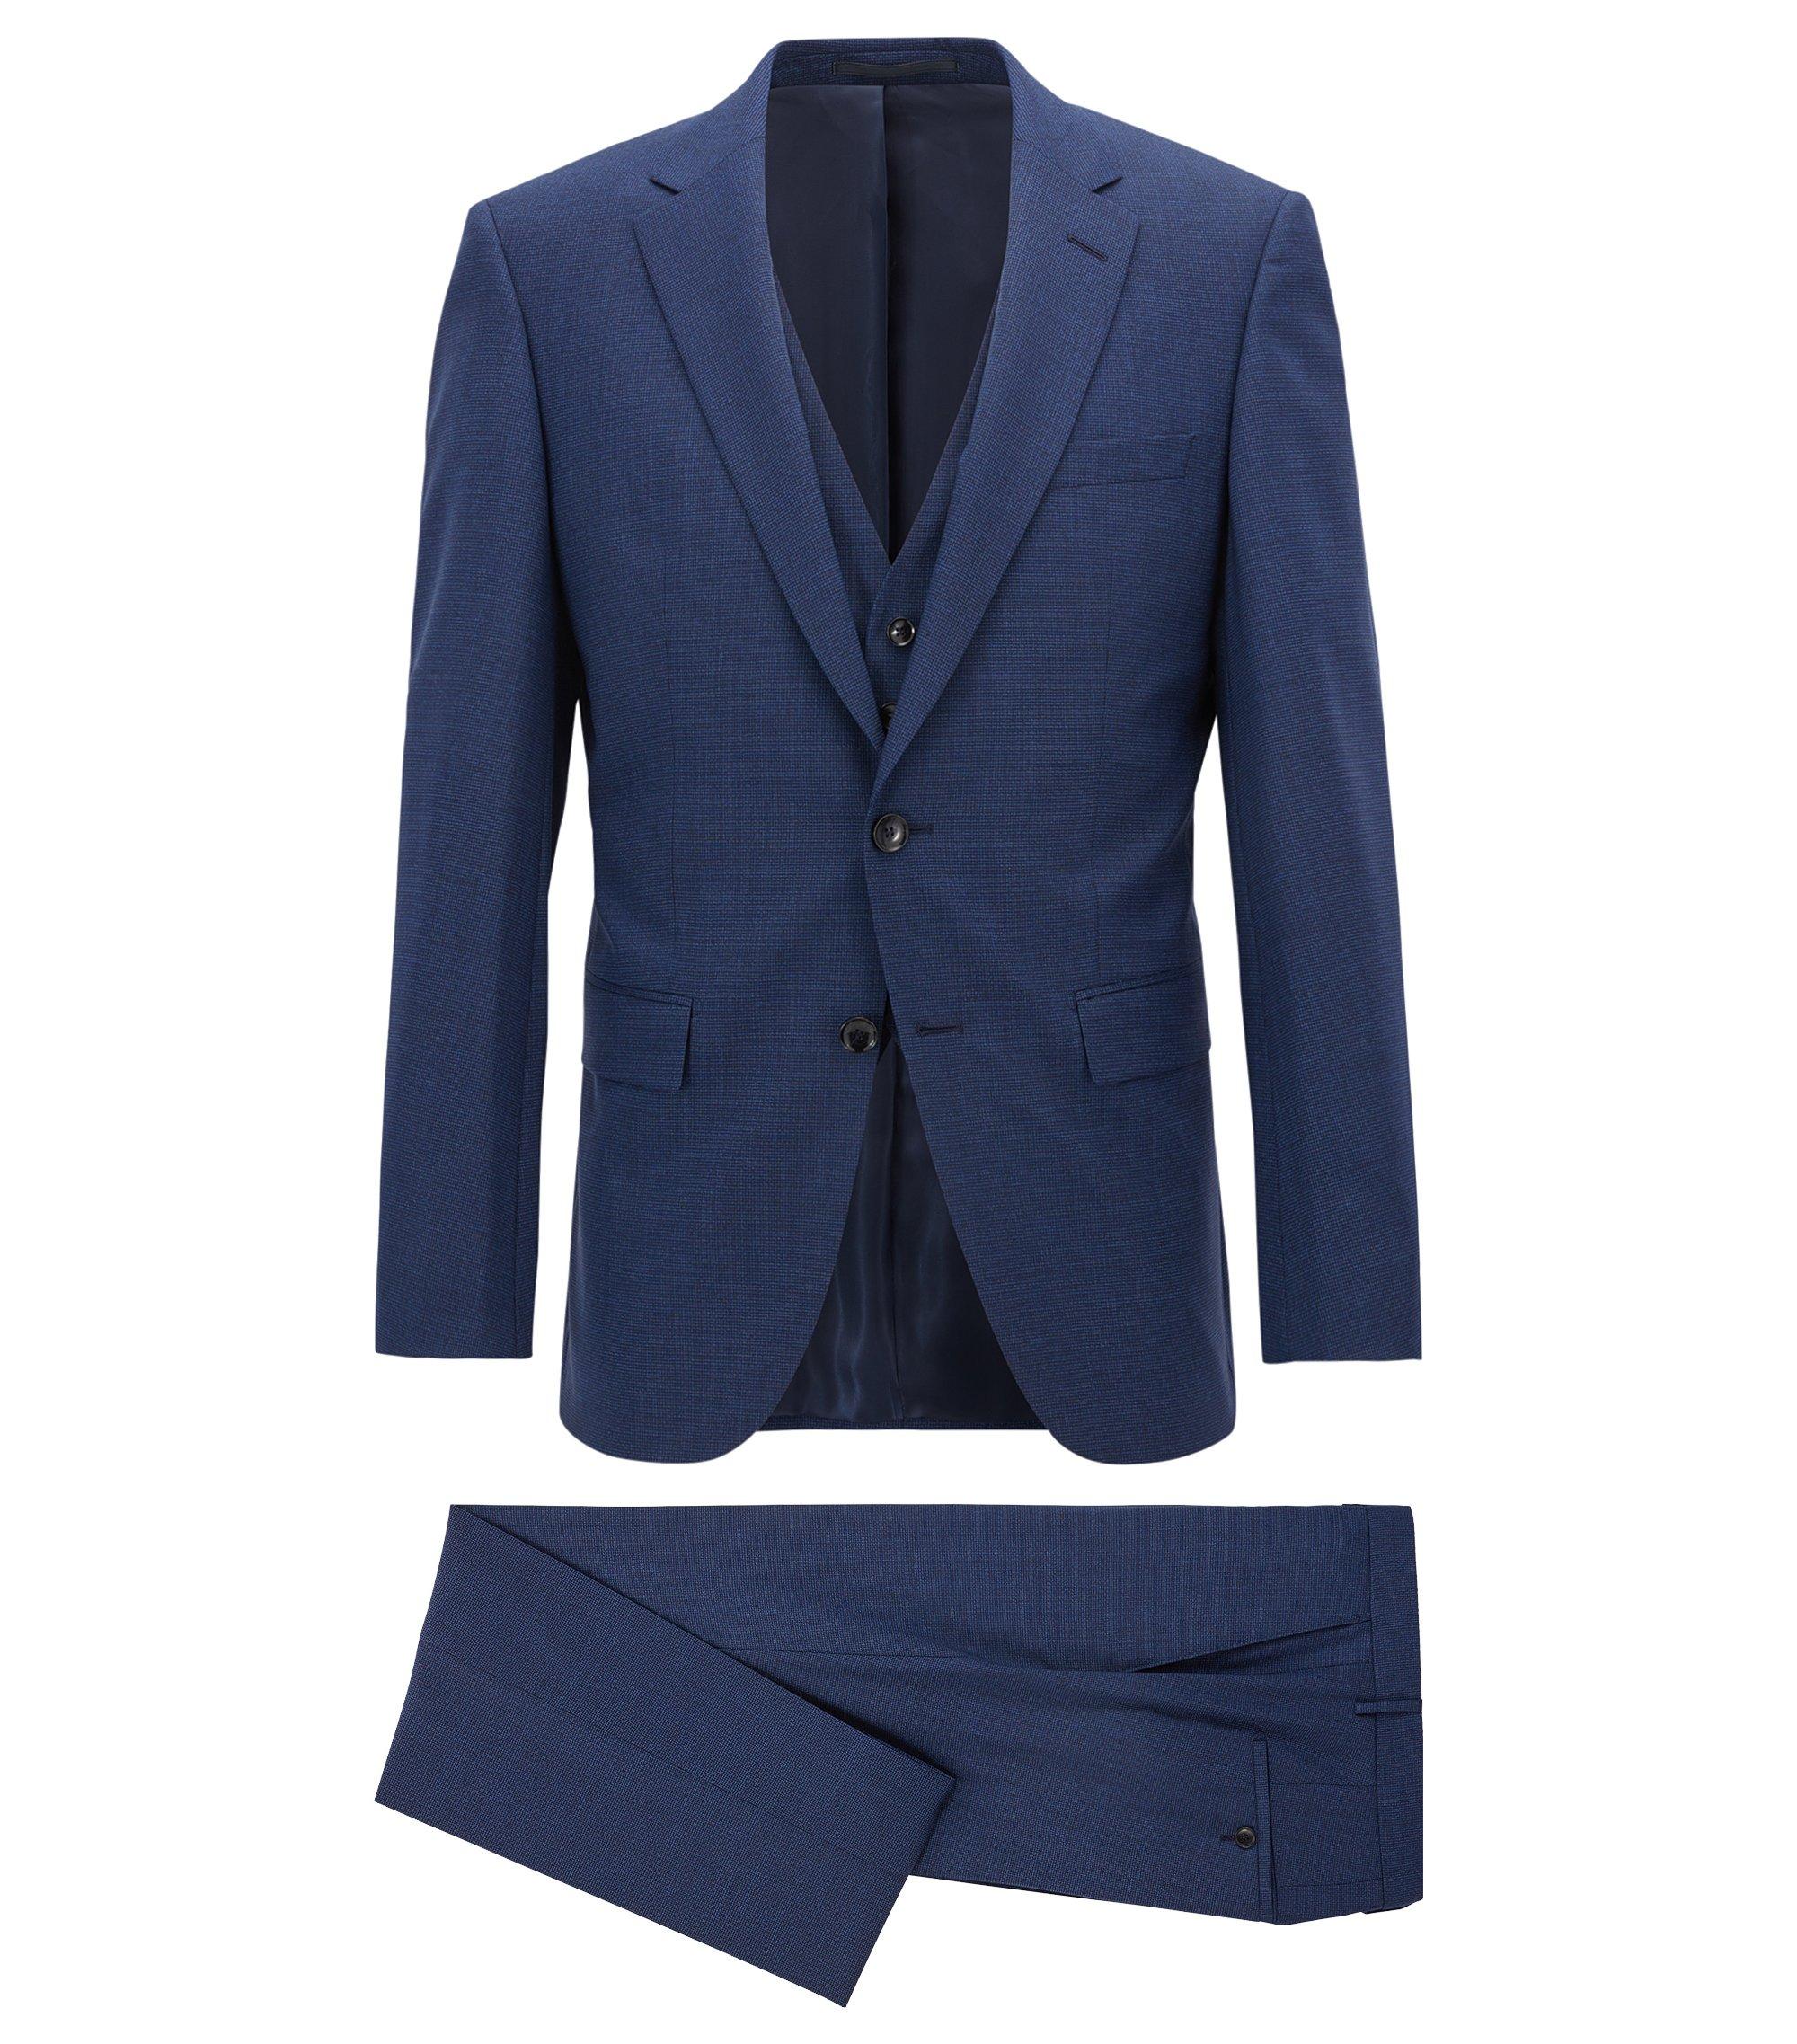 Costume trois pièces Slim Fit en laine vierge à micromotif, Bleu